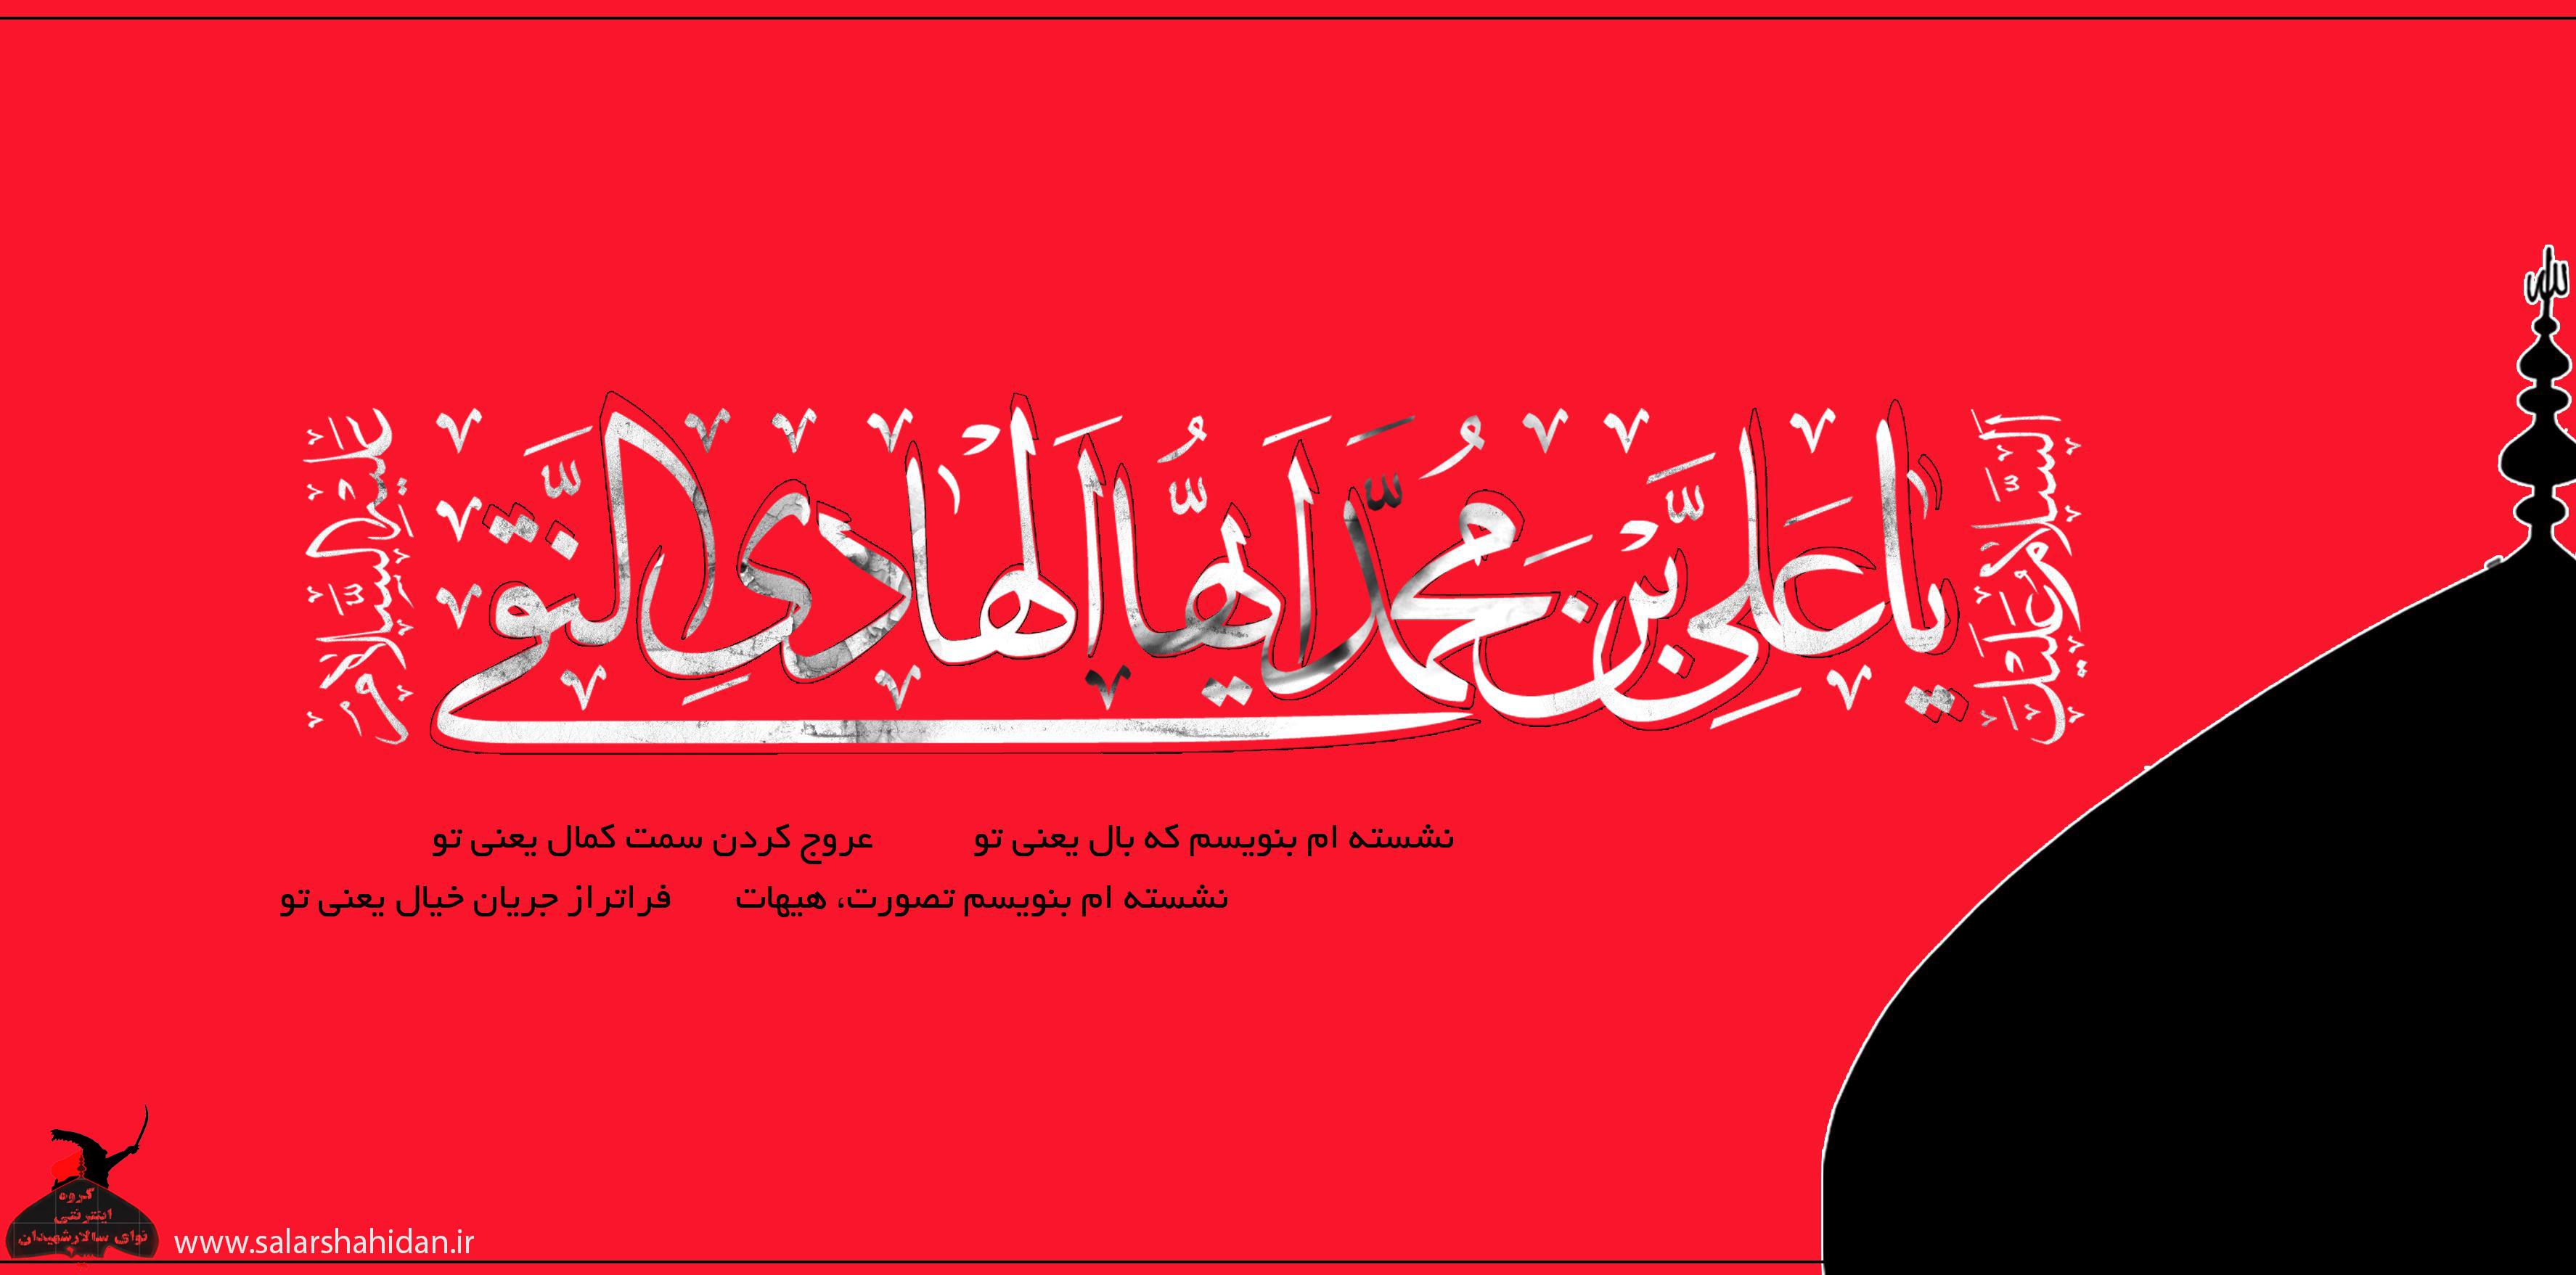 www.salarshahidan.ir